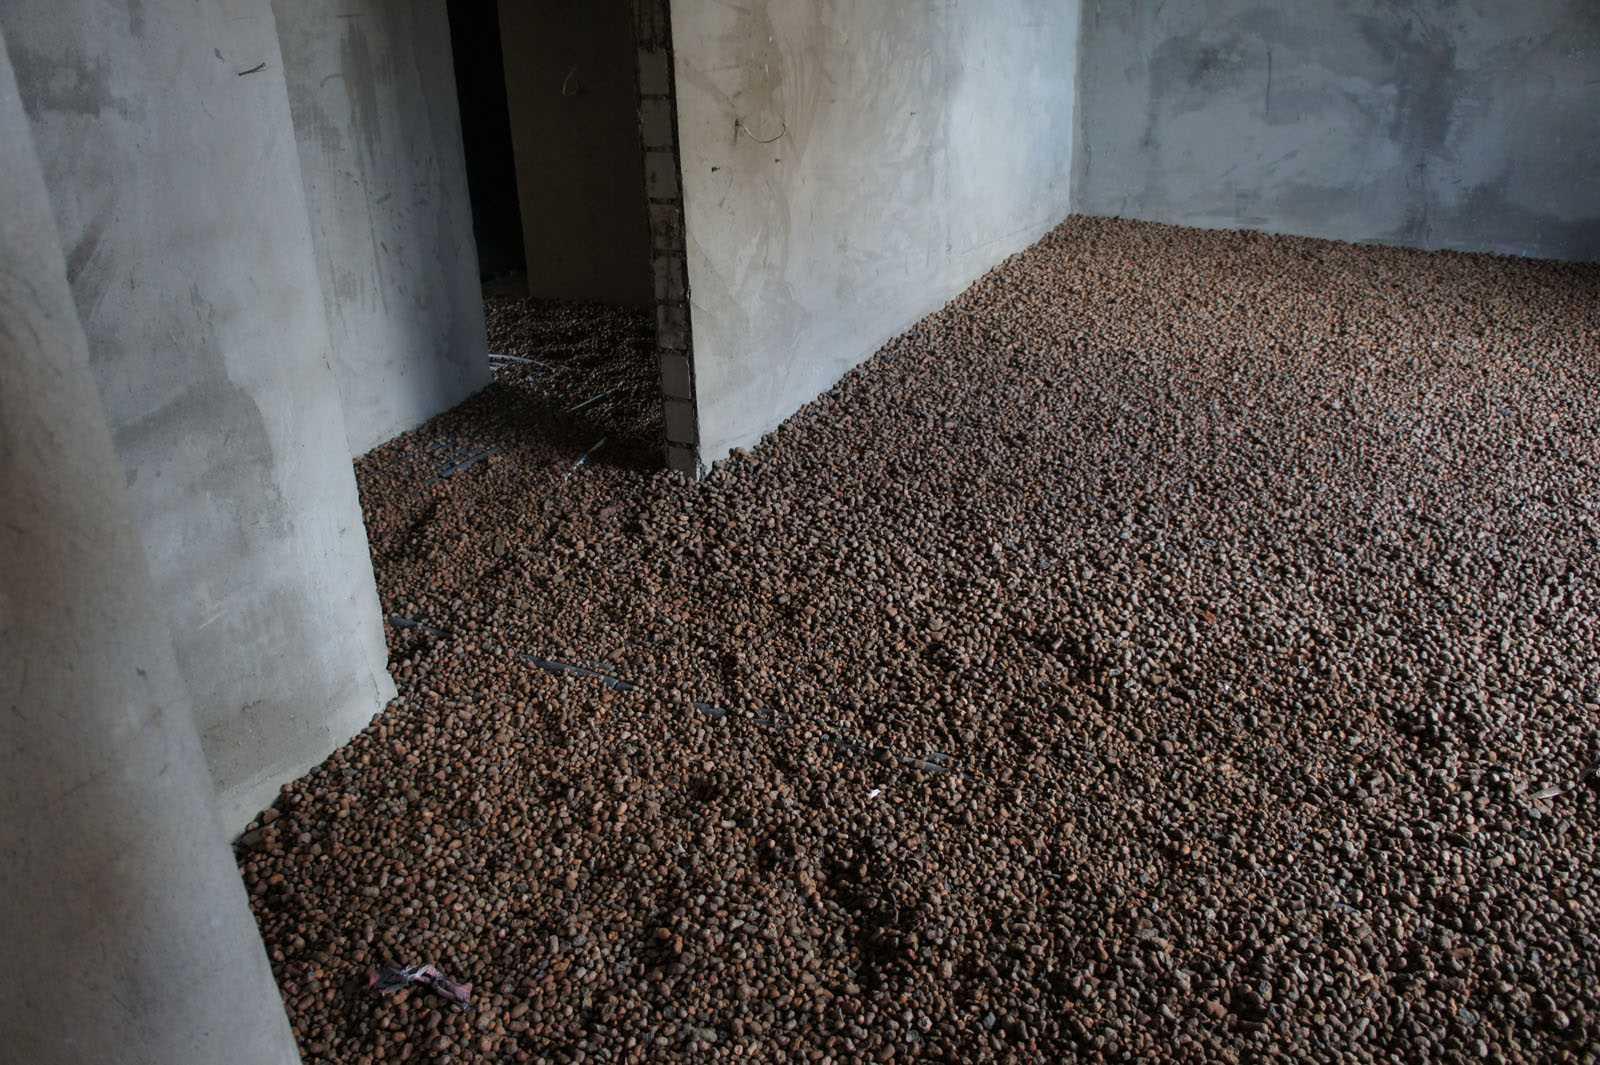 пример гидроизоляции пола квартиры обмазочным способом перед стяжкой